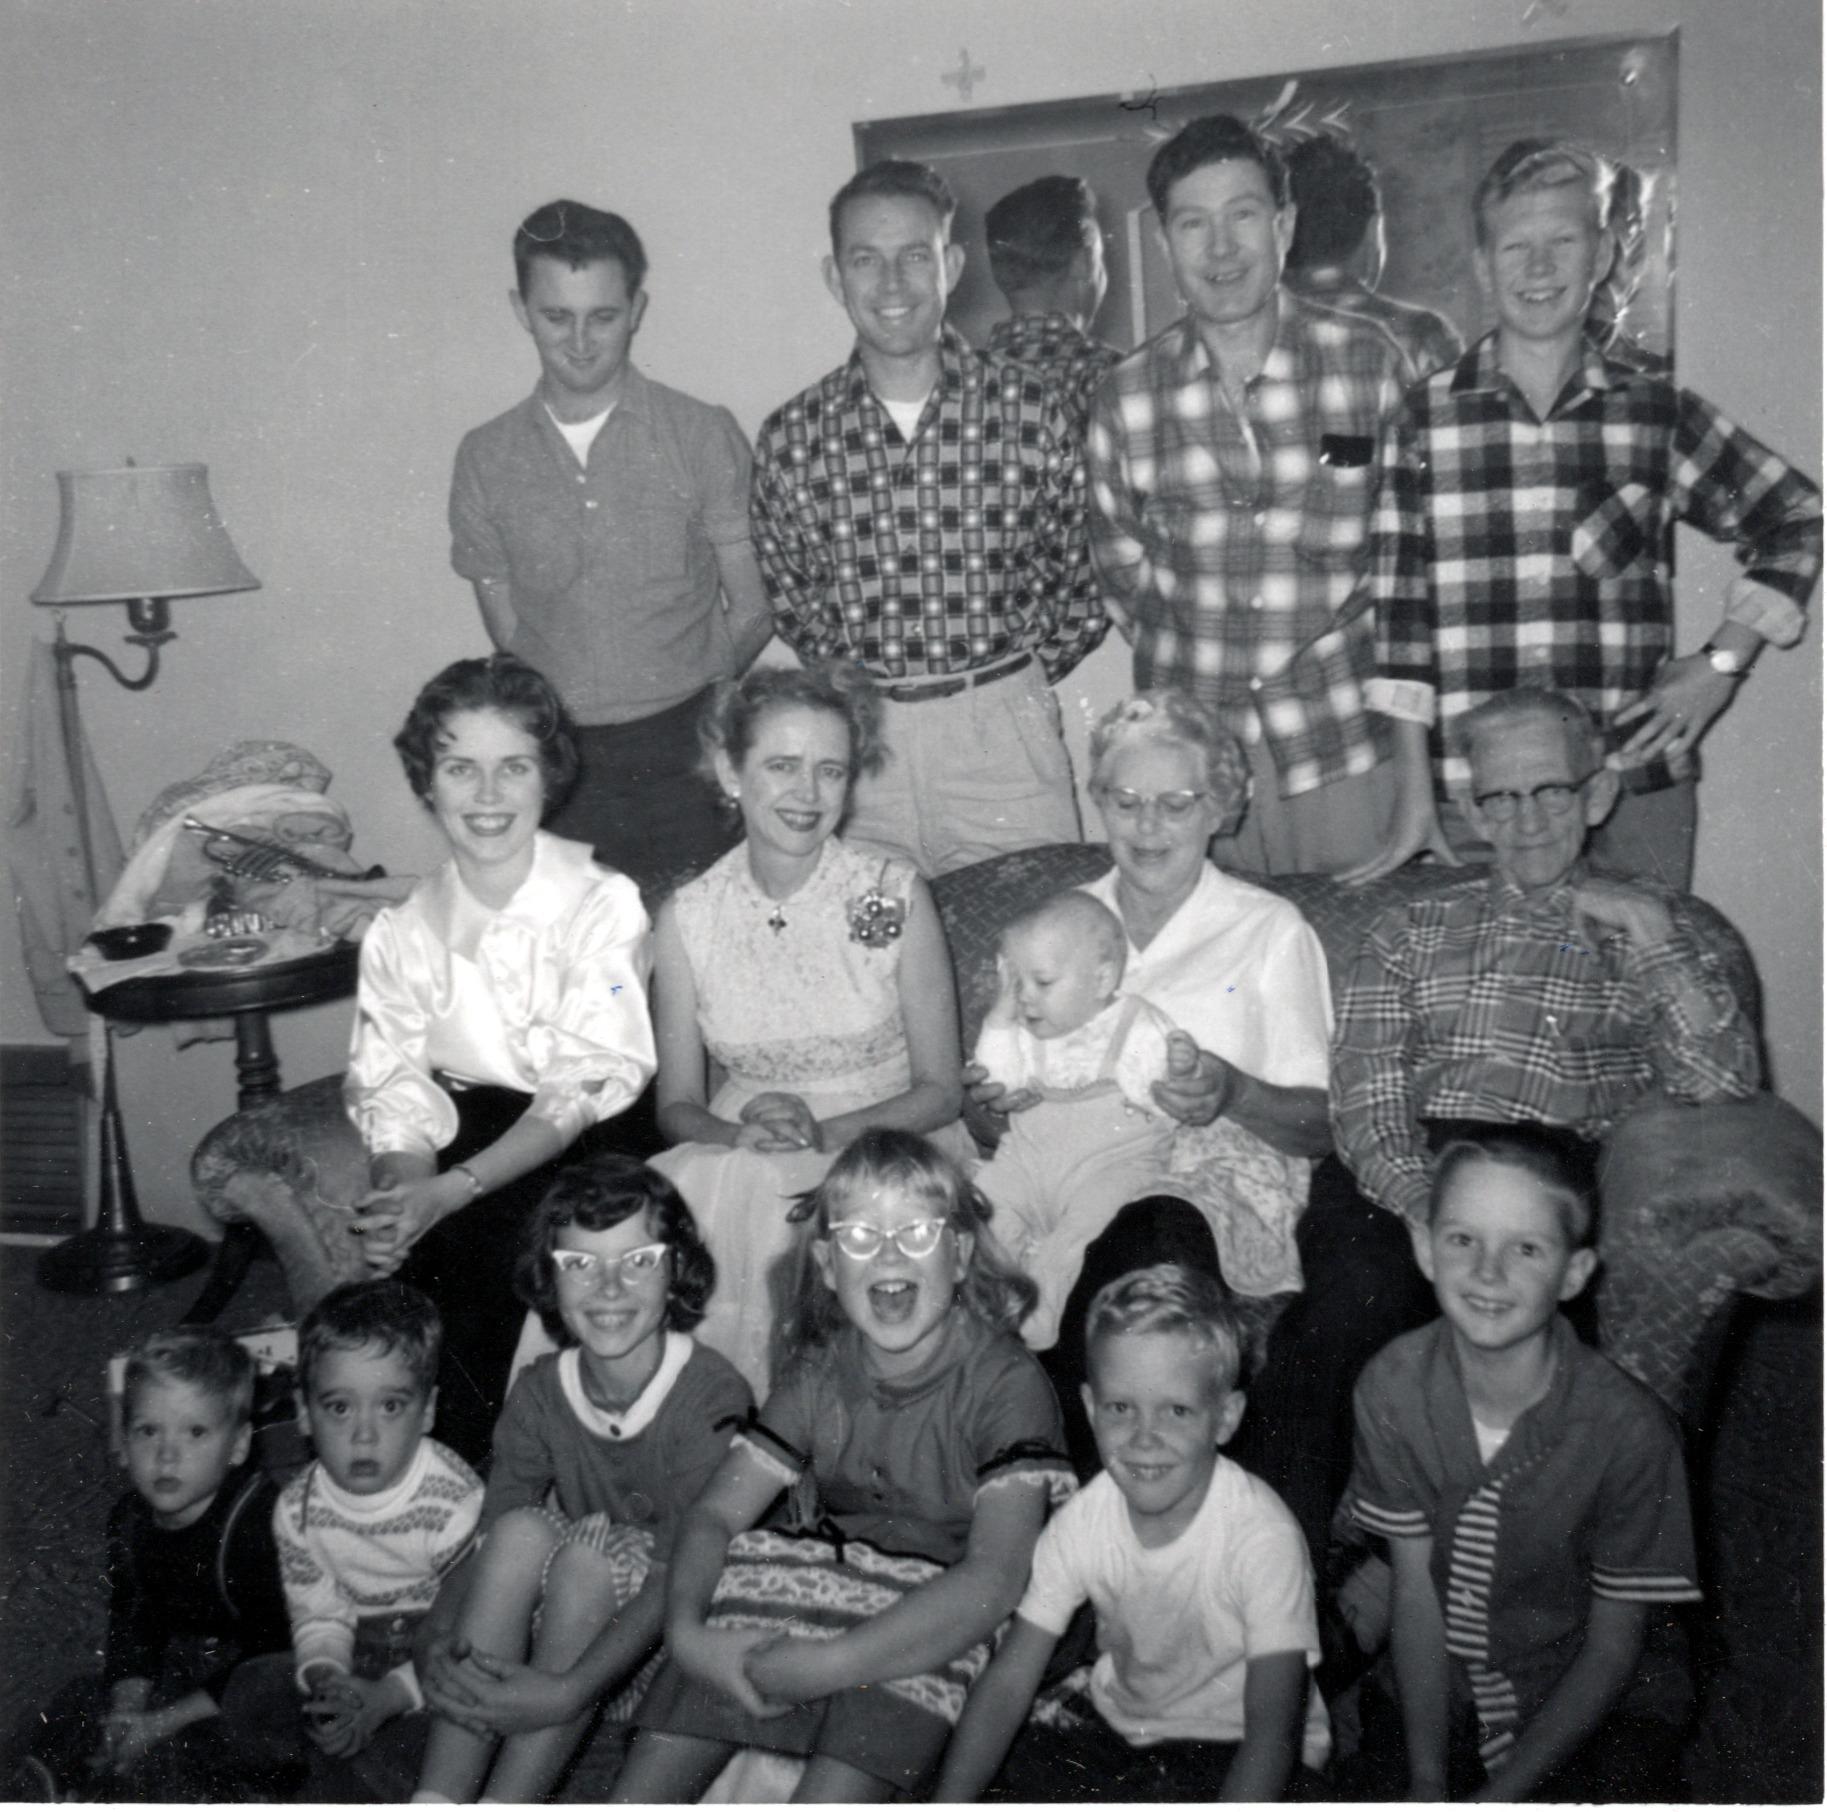 Phillips Family Christmas - 1959